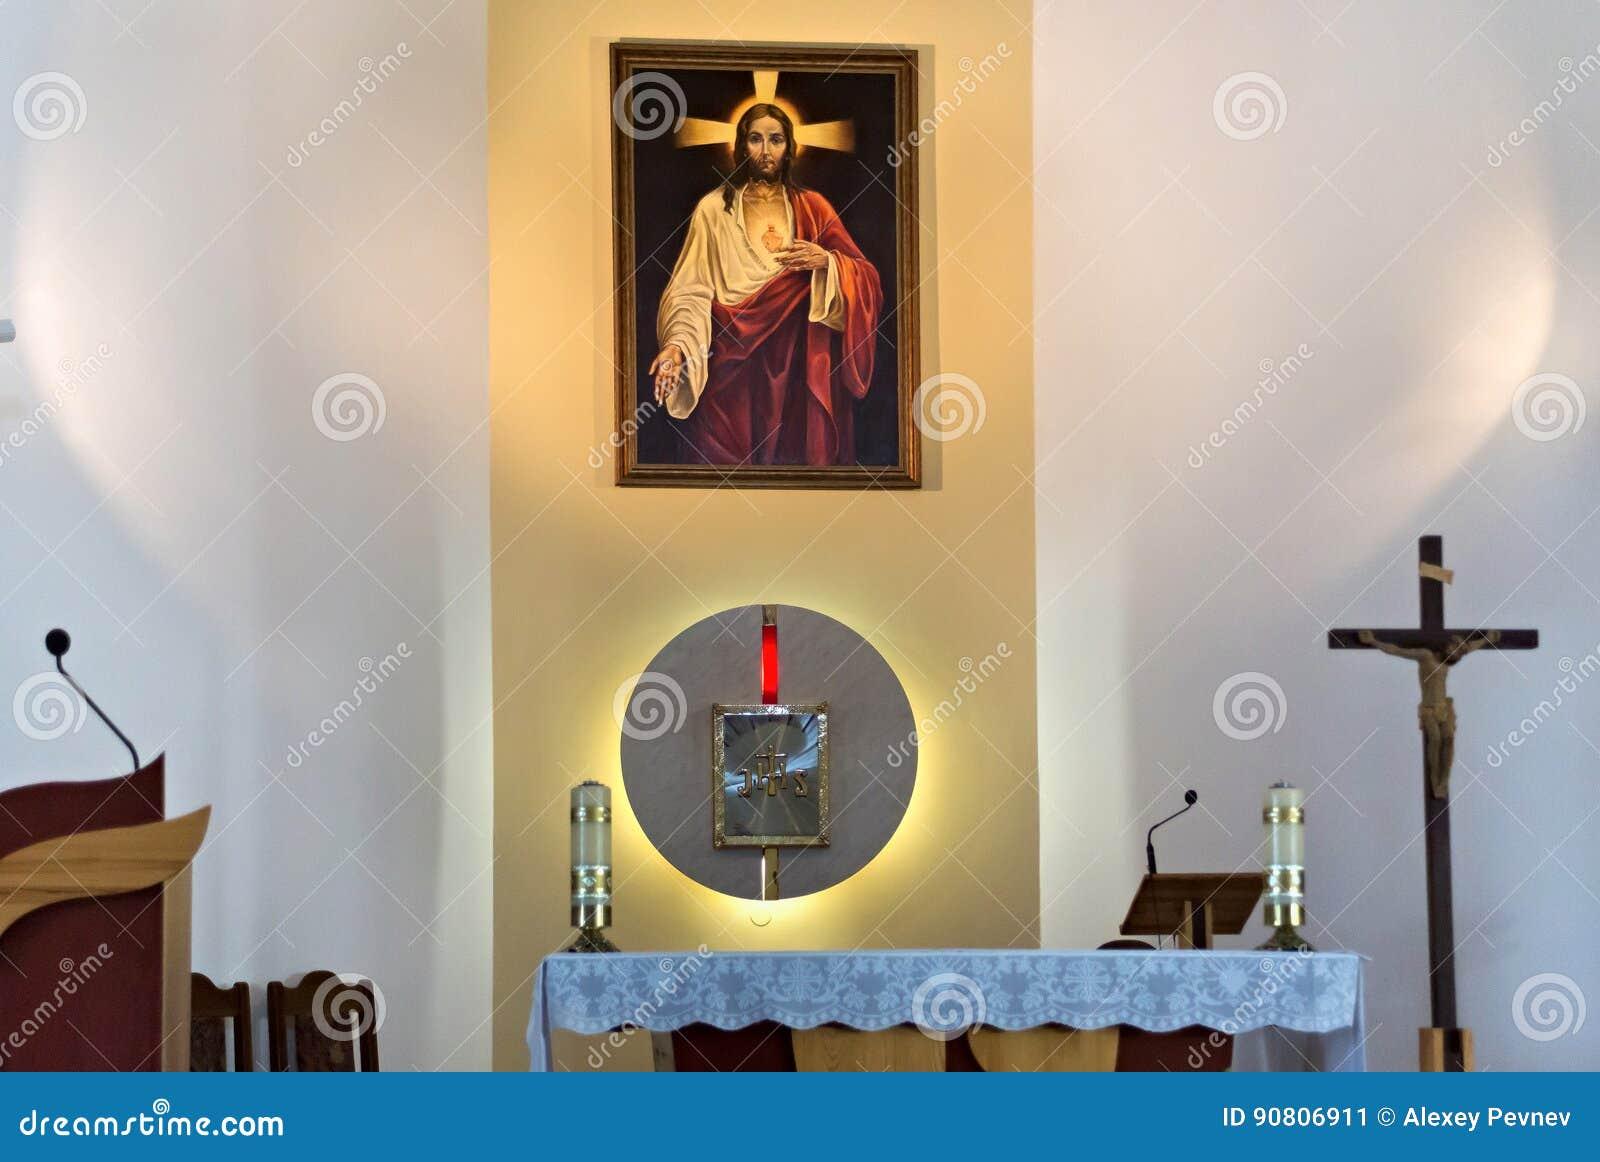 PETROPAVL KAZACHSTAN, LIPIEC, - 24, 2015: Wnętrze kościół rzymsko-katolicki Święty serce Jezus w Petropavl